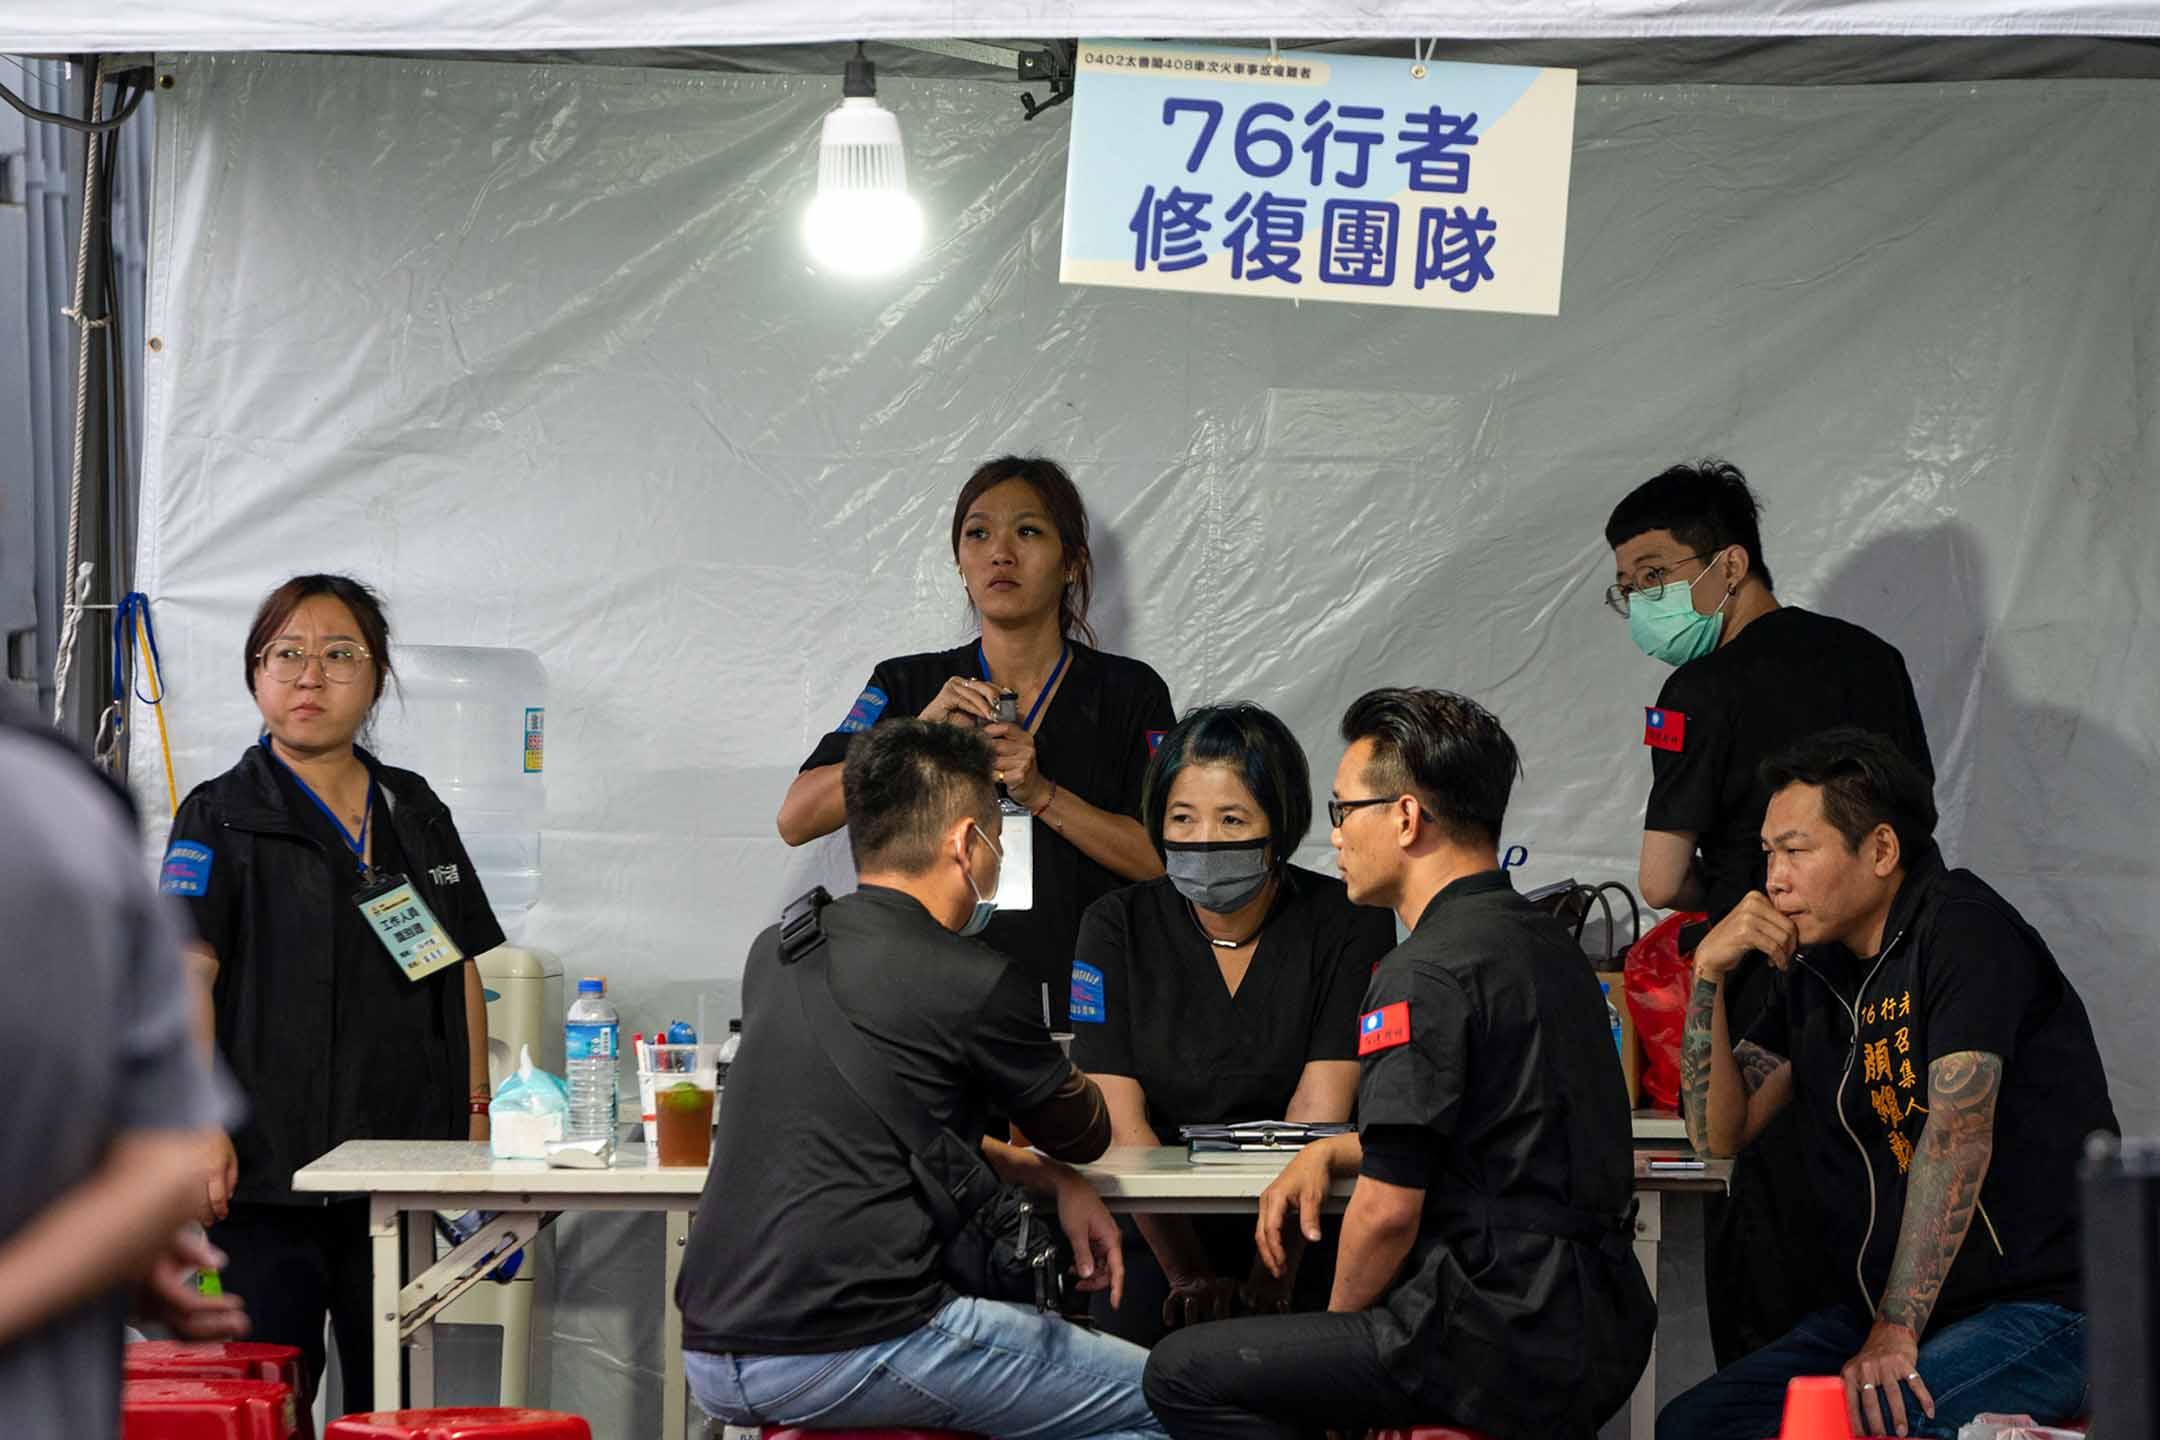 2021年4月8日花蓮殯儀館,「76行者遺體修復團隊」 。